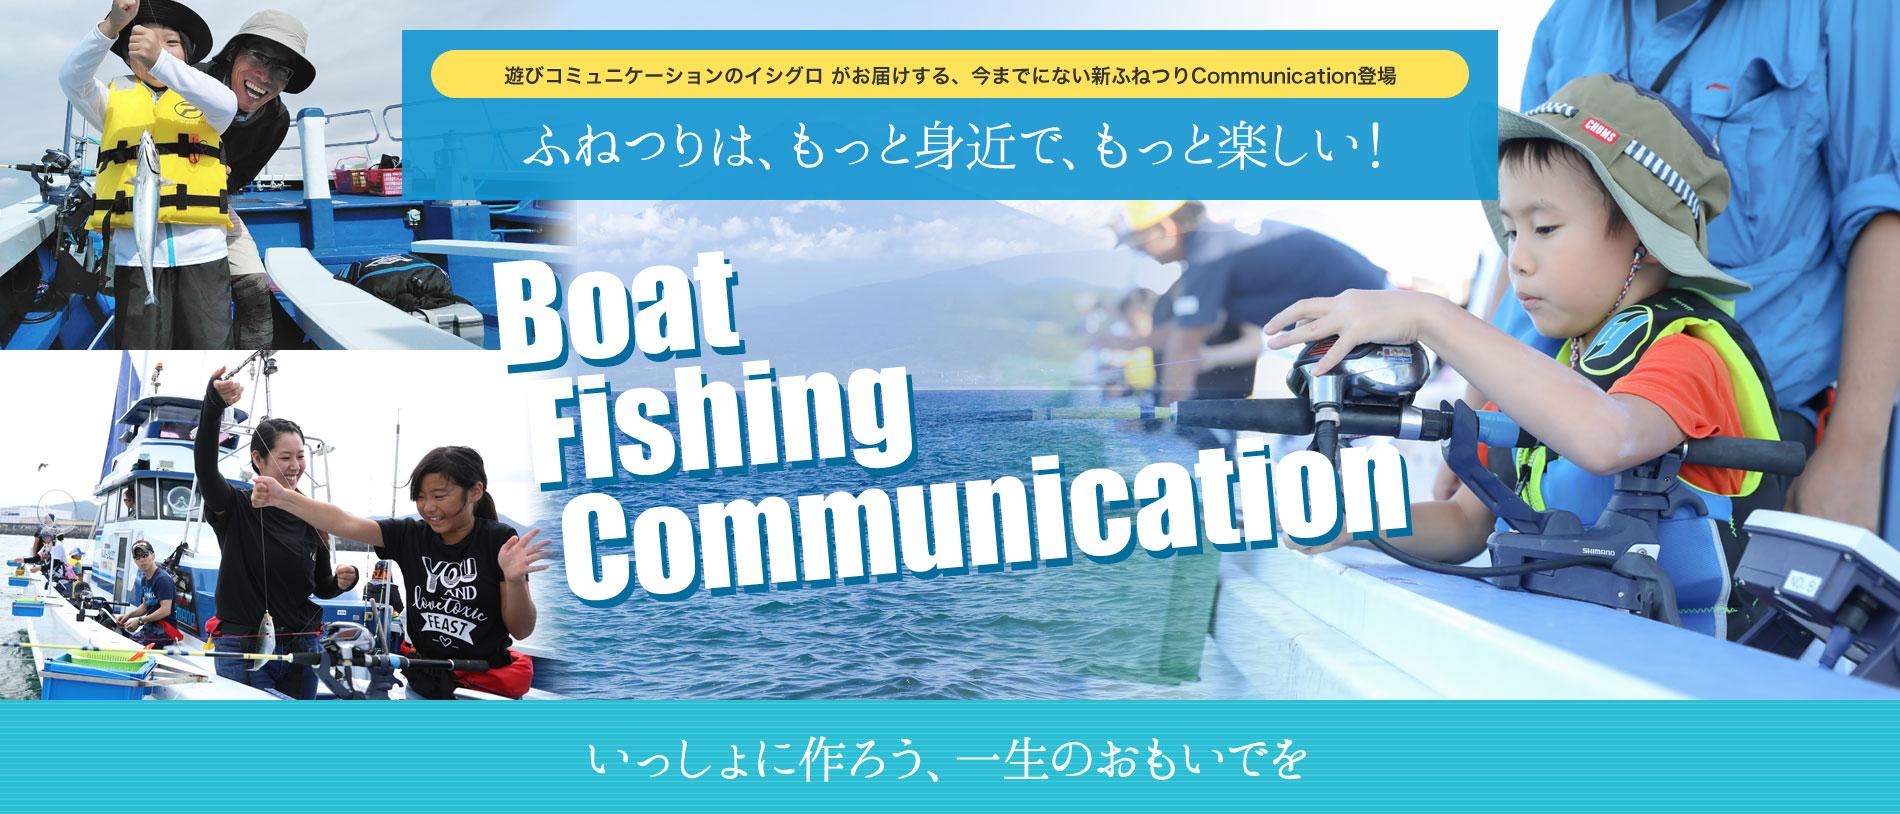 遊びコミュニケーションのイシグロ がお届けする、今までにない新ふねつりCommunication登場 | 遊びコミュニケーションのイシグロ がお届けする、今までにない新ふねつりCommunication登場 | Boat Fishing Communication | いっしょに作ろう、一生のおもいでを